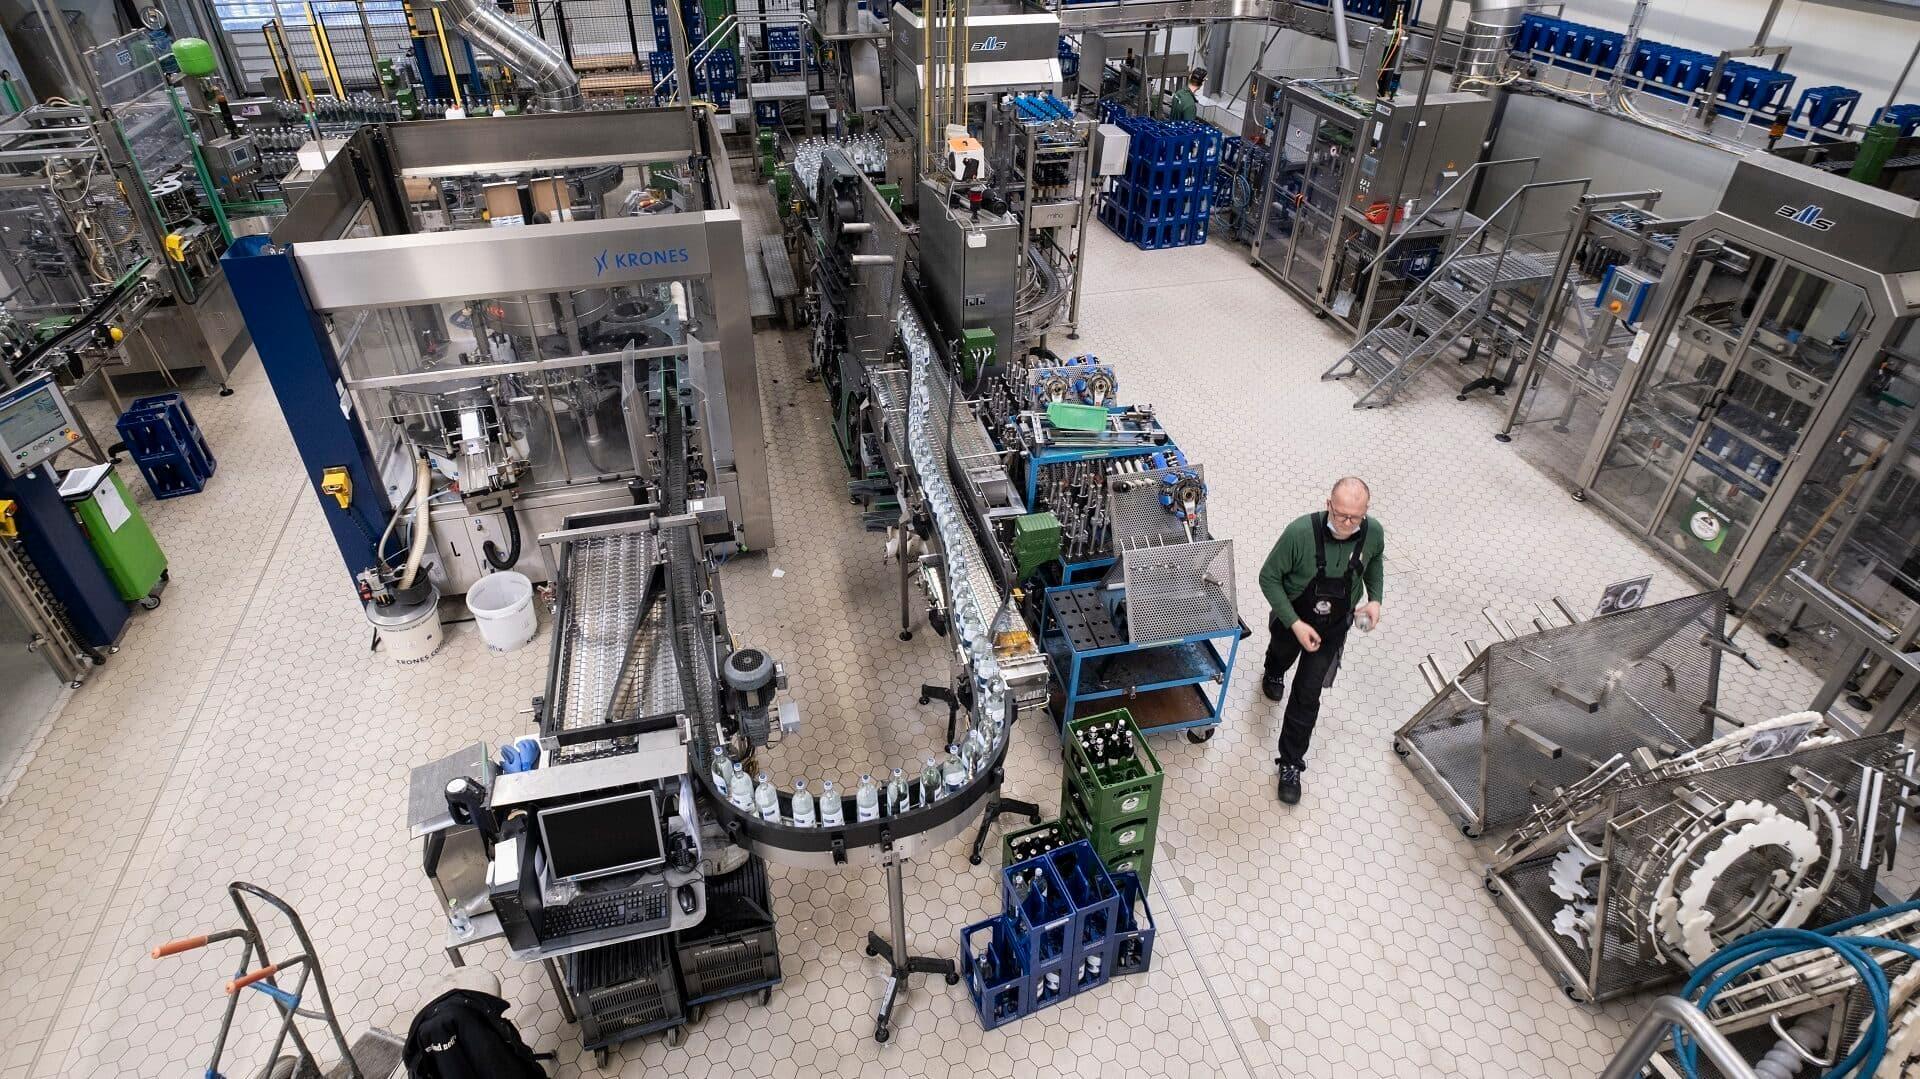 Produktionshalle bei Hornberger Lebensquell